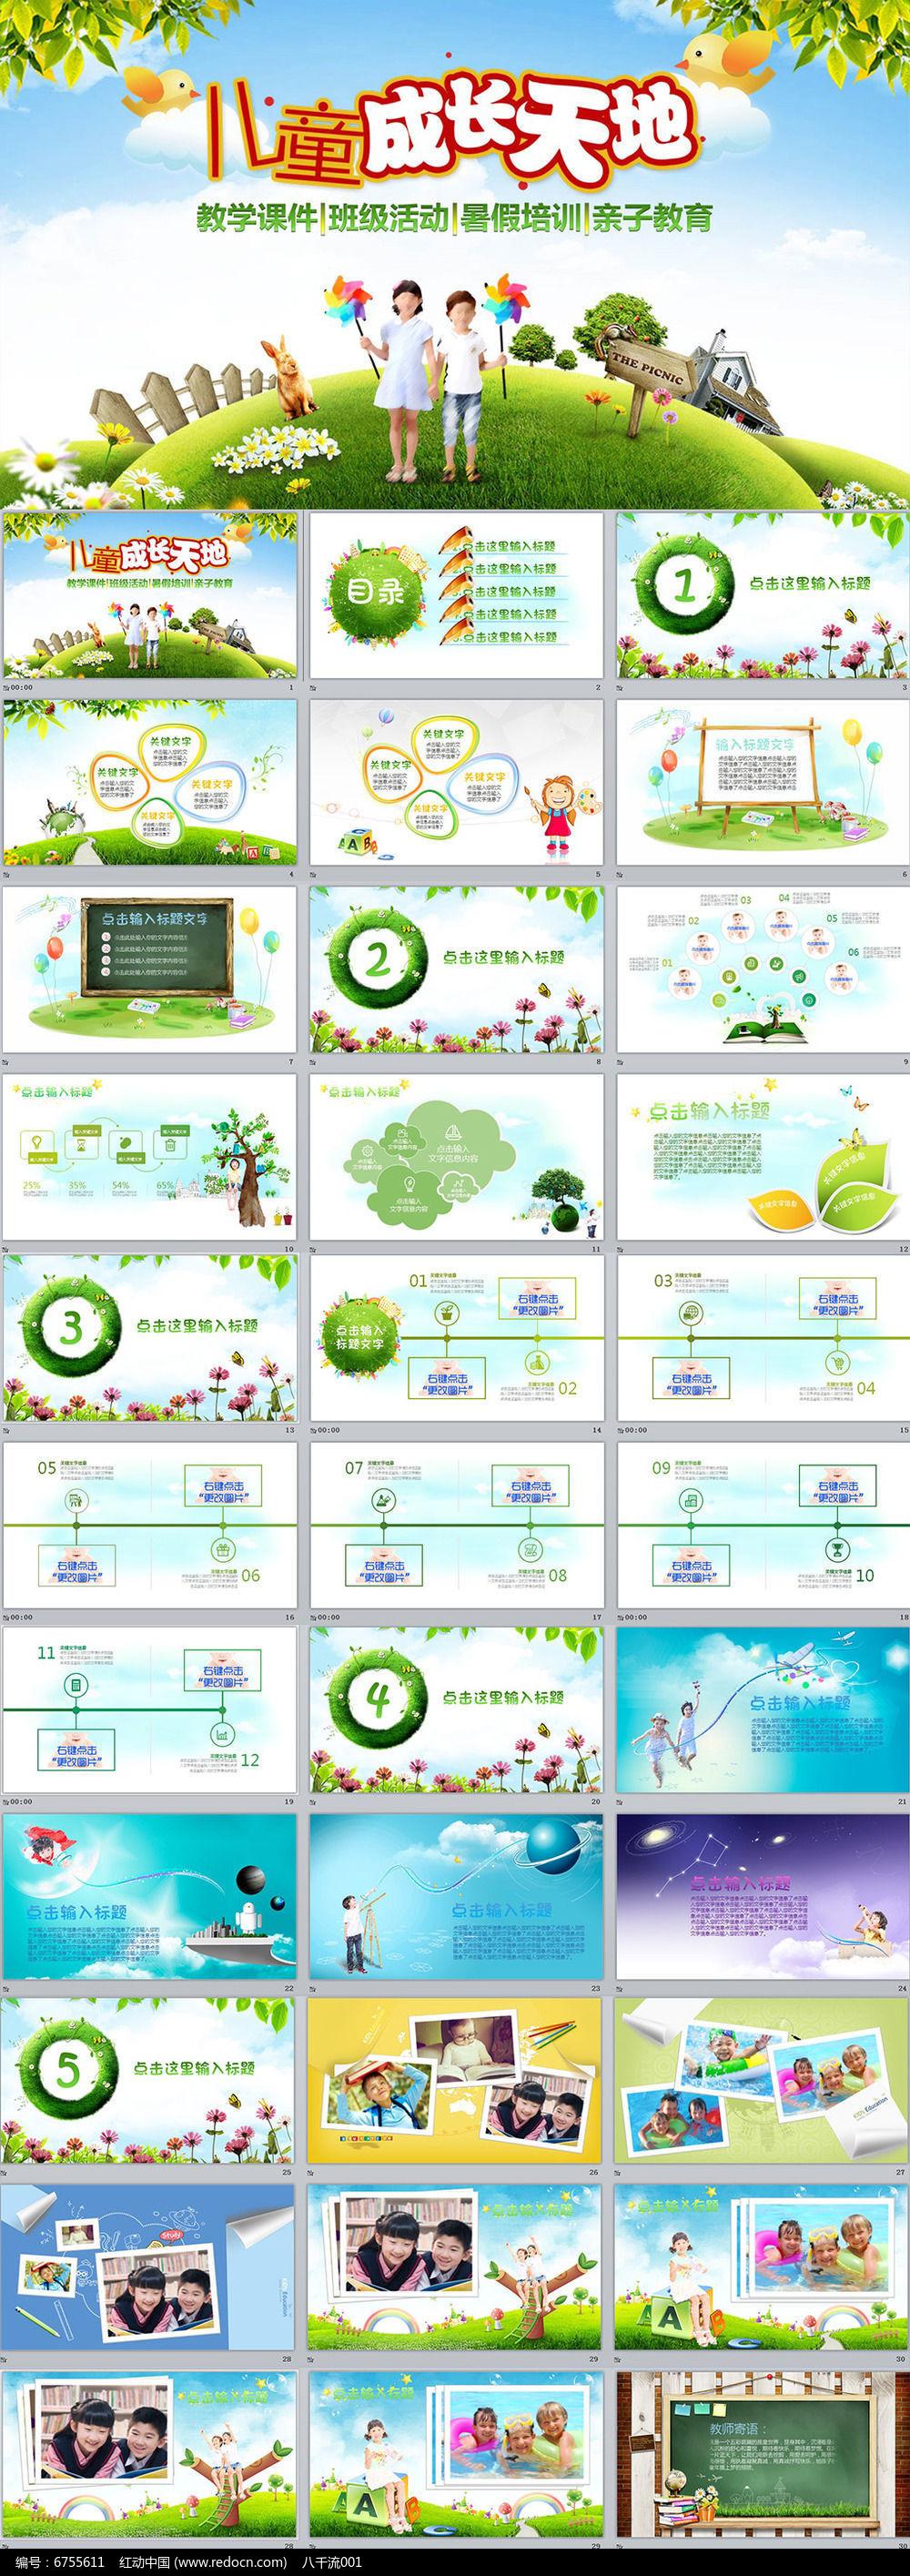 可爱卡通幼儿园儿童成长日记小学课件教案ppt模板